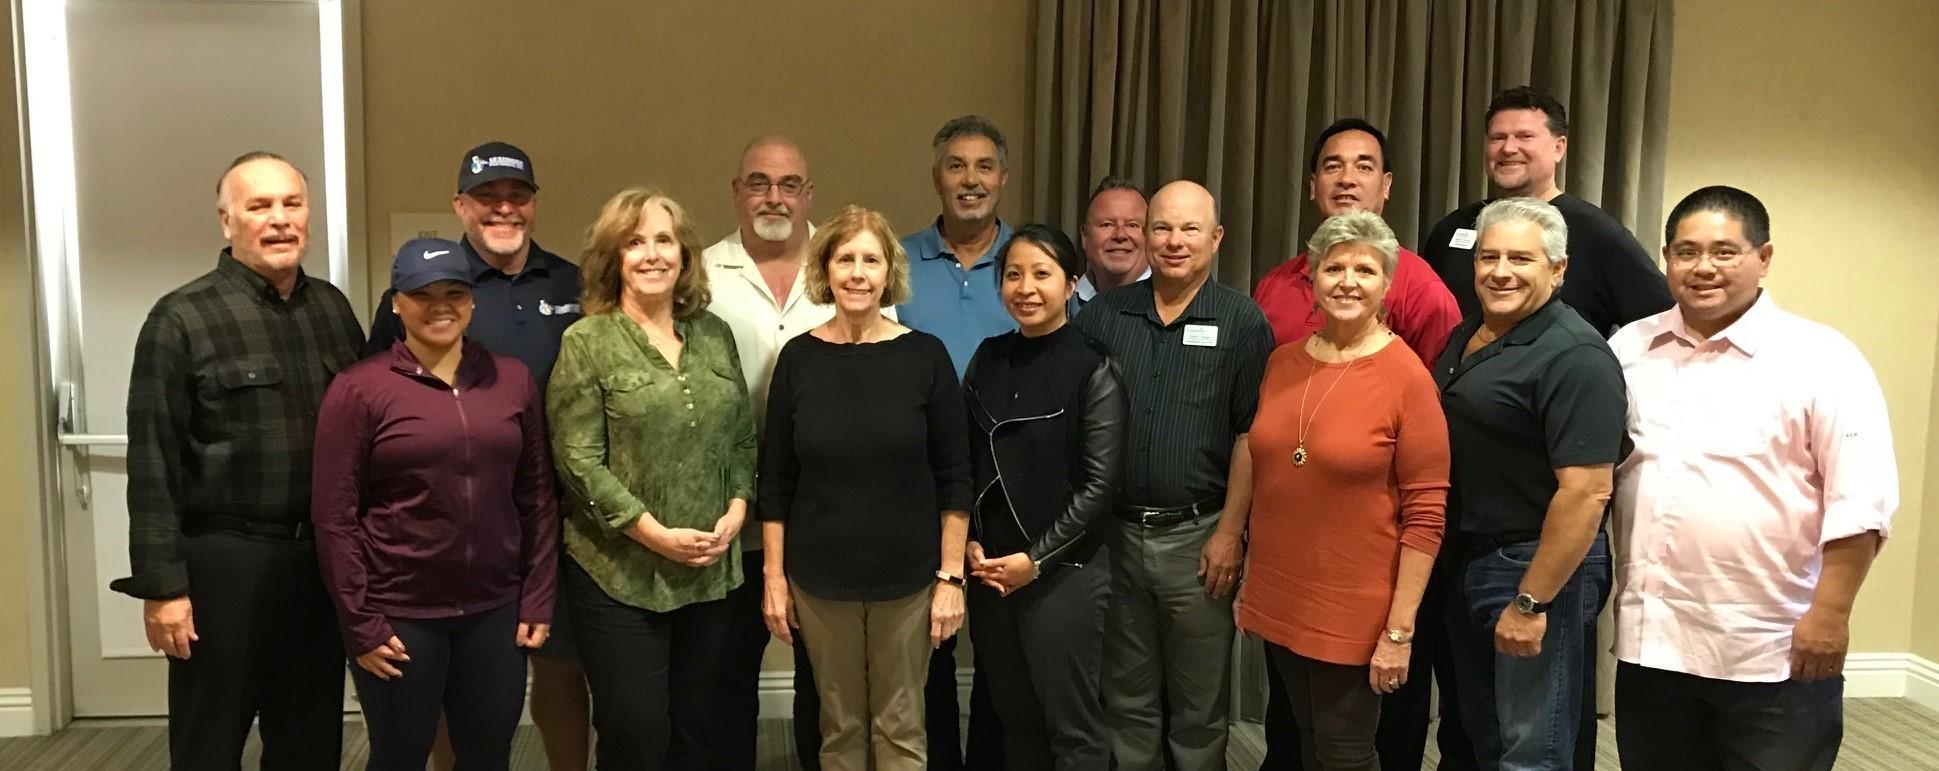 crop-board-member-group-picture.jpg